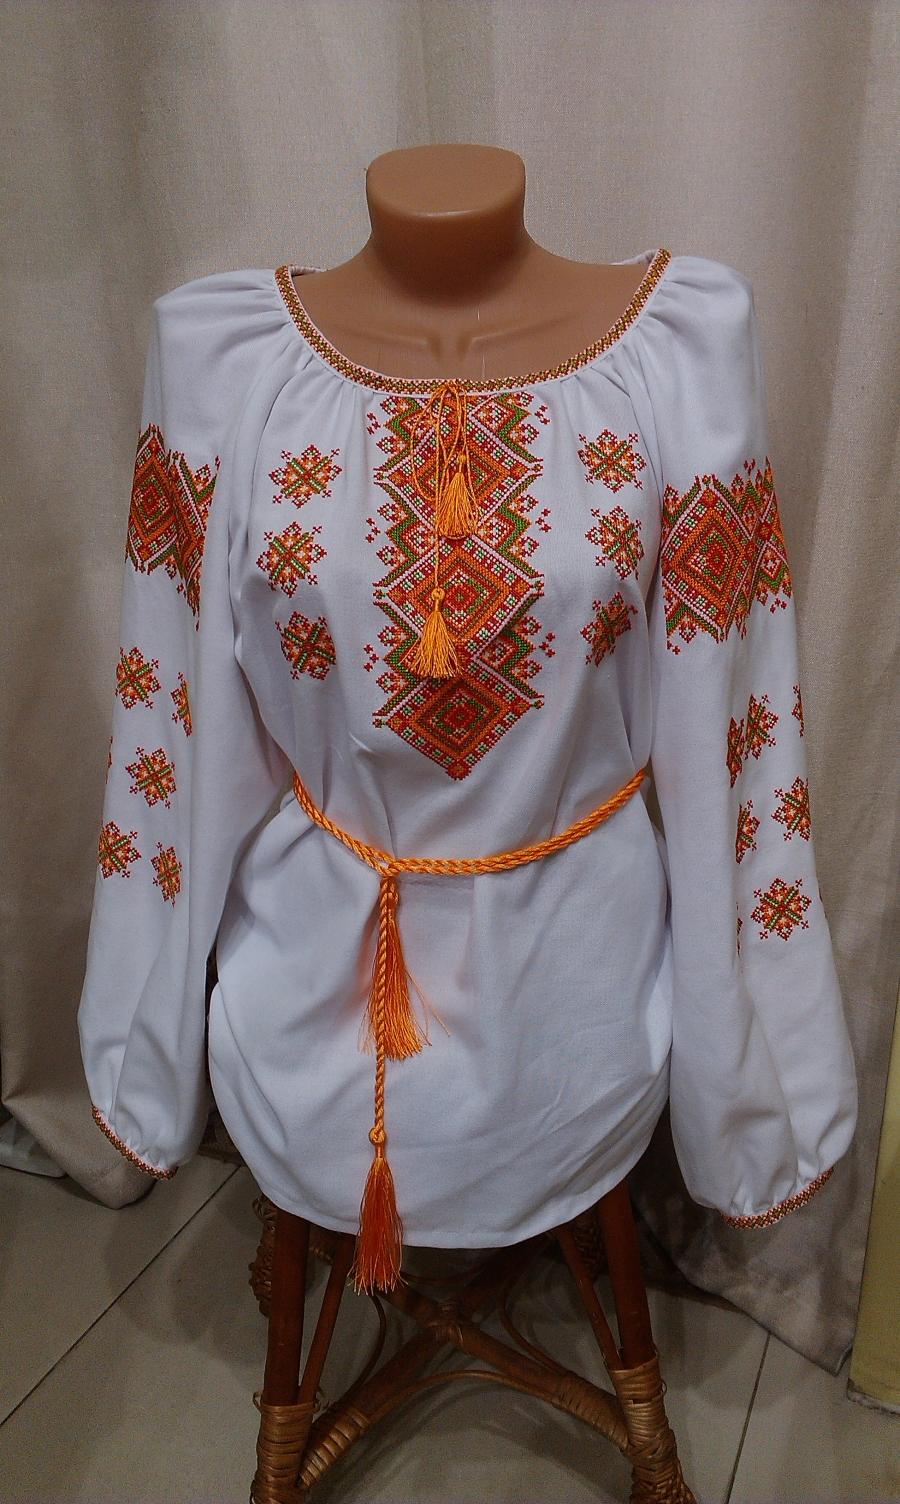 блузка хрестик домоткане полотно жовтогаряча. ціна  1000 грн ... f1f736b934499